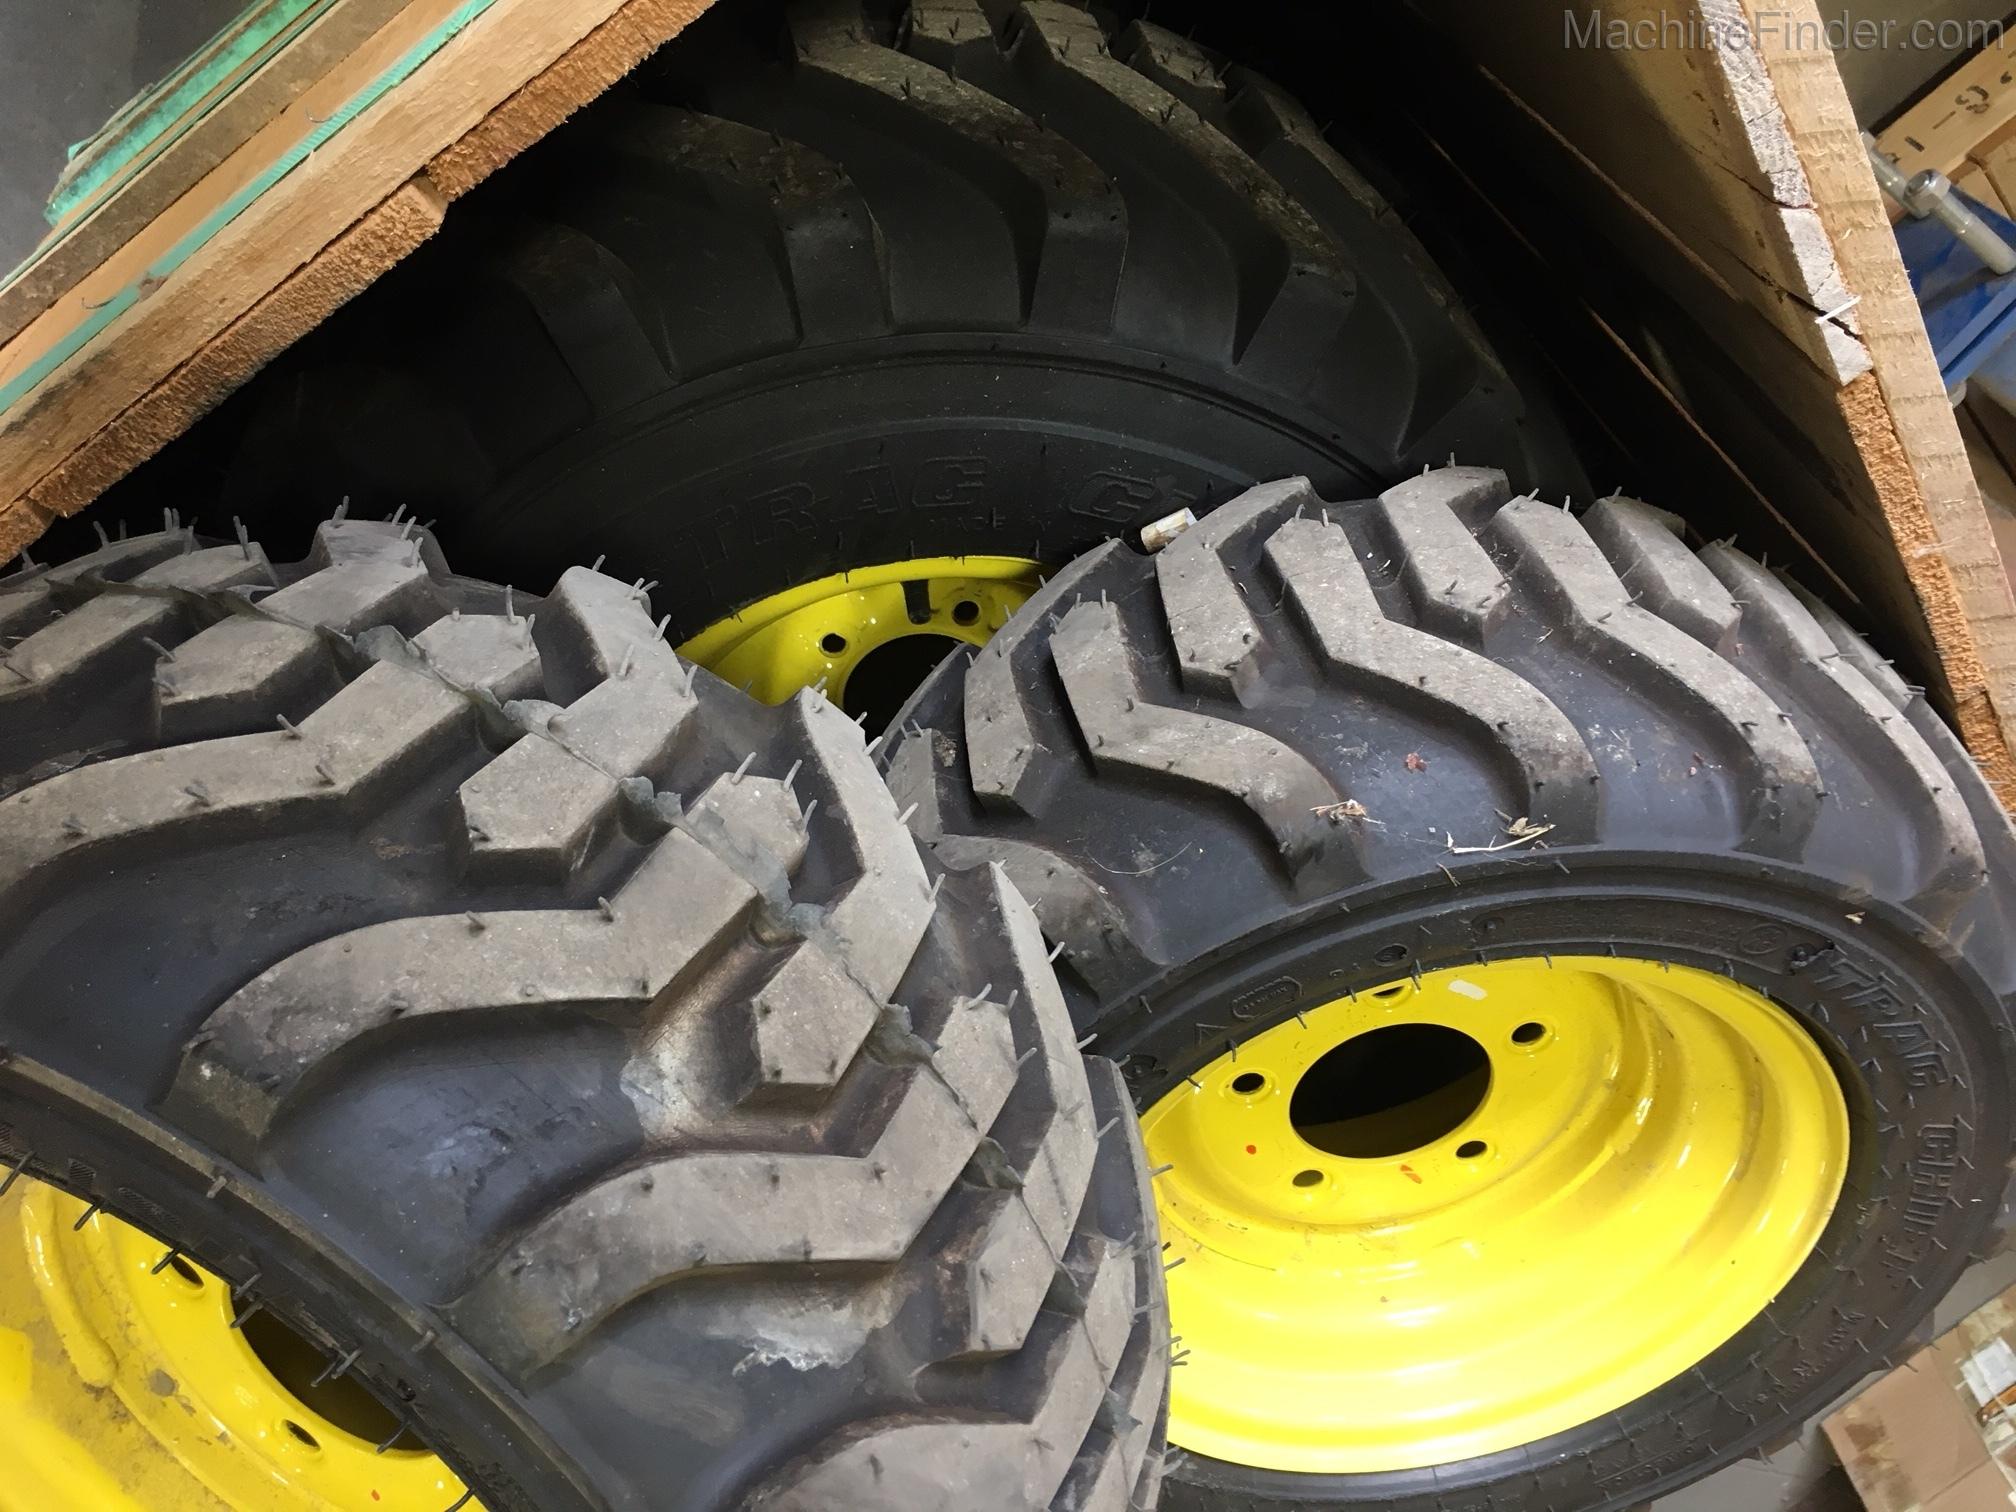 John Deere Blv10856 Blv10857 R4 Tires Wheels Tires Tracks For Sale 101293